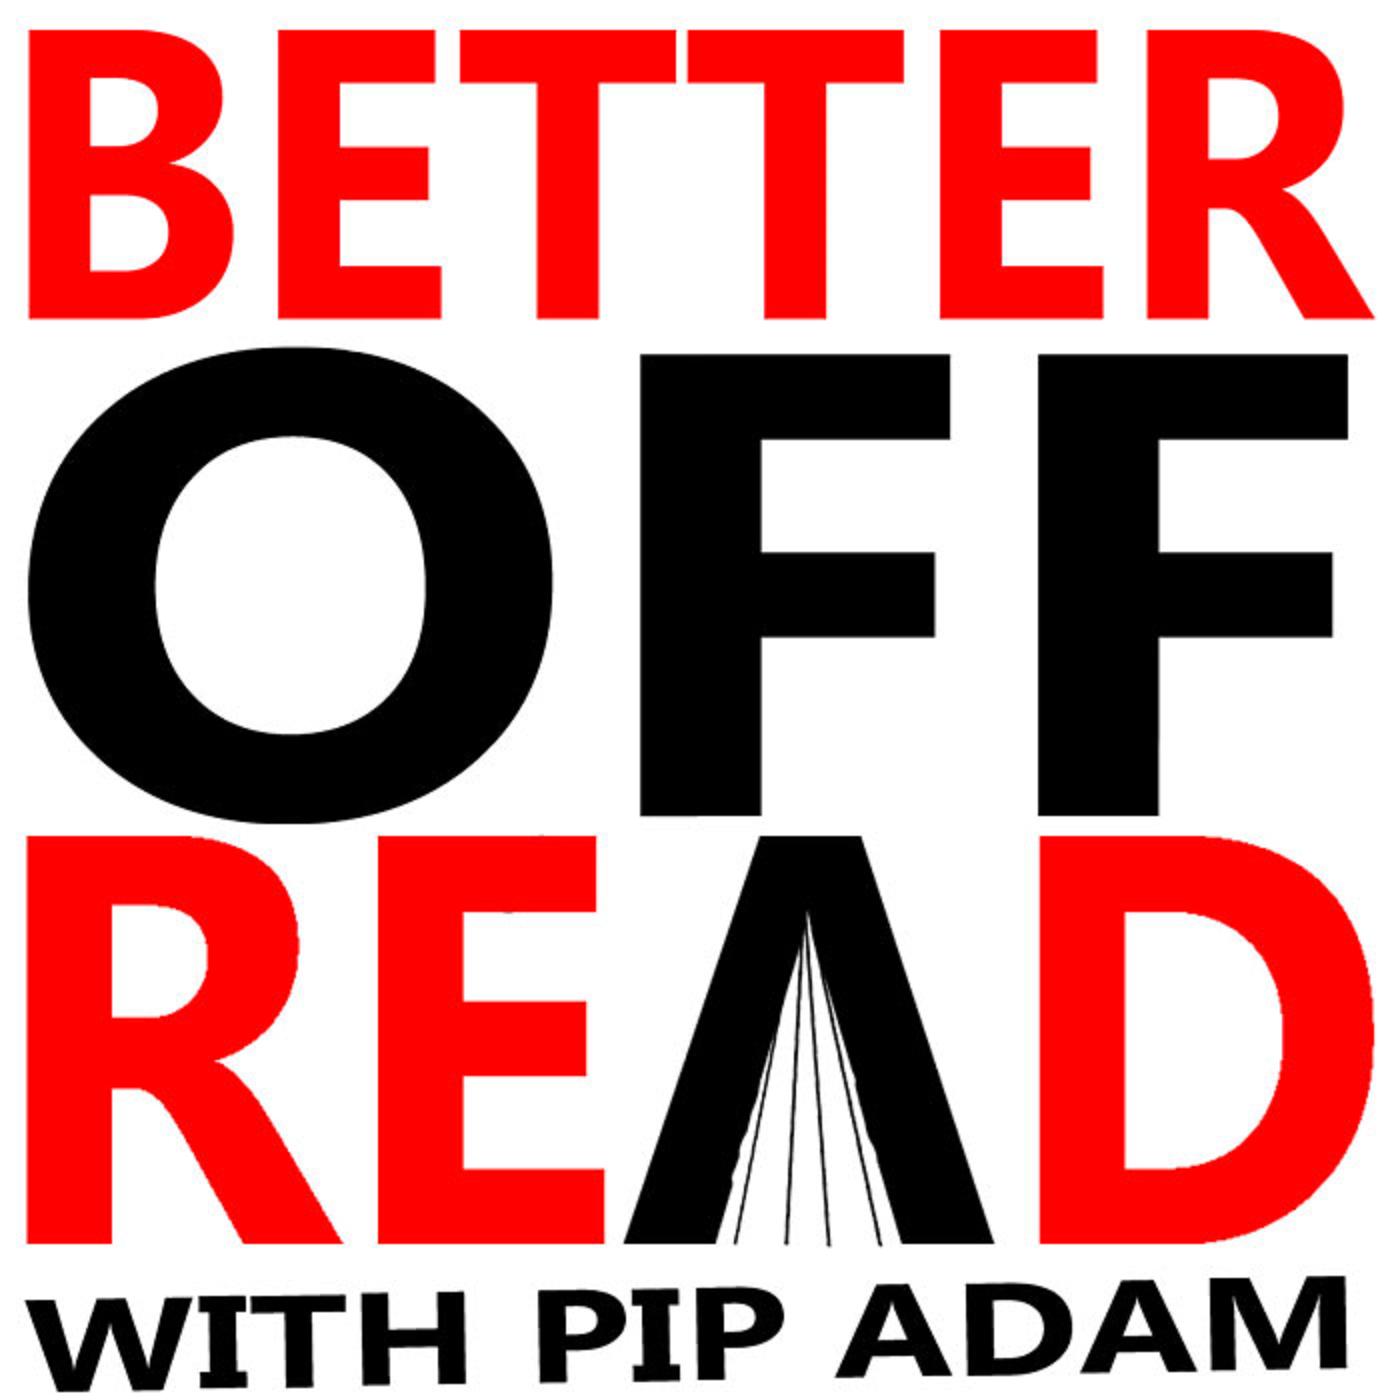 https://cdn.accessradio.org/StationFolder/war/Images/Better off Read2.png